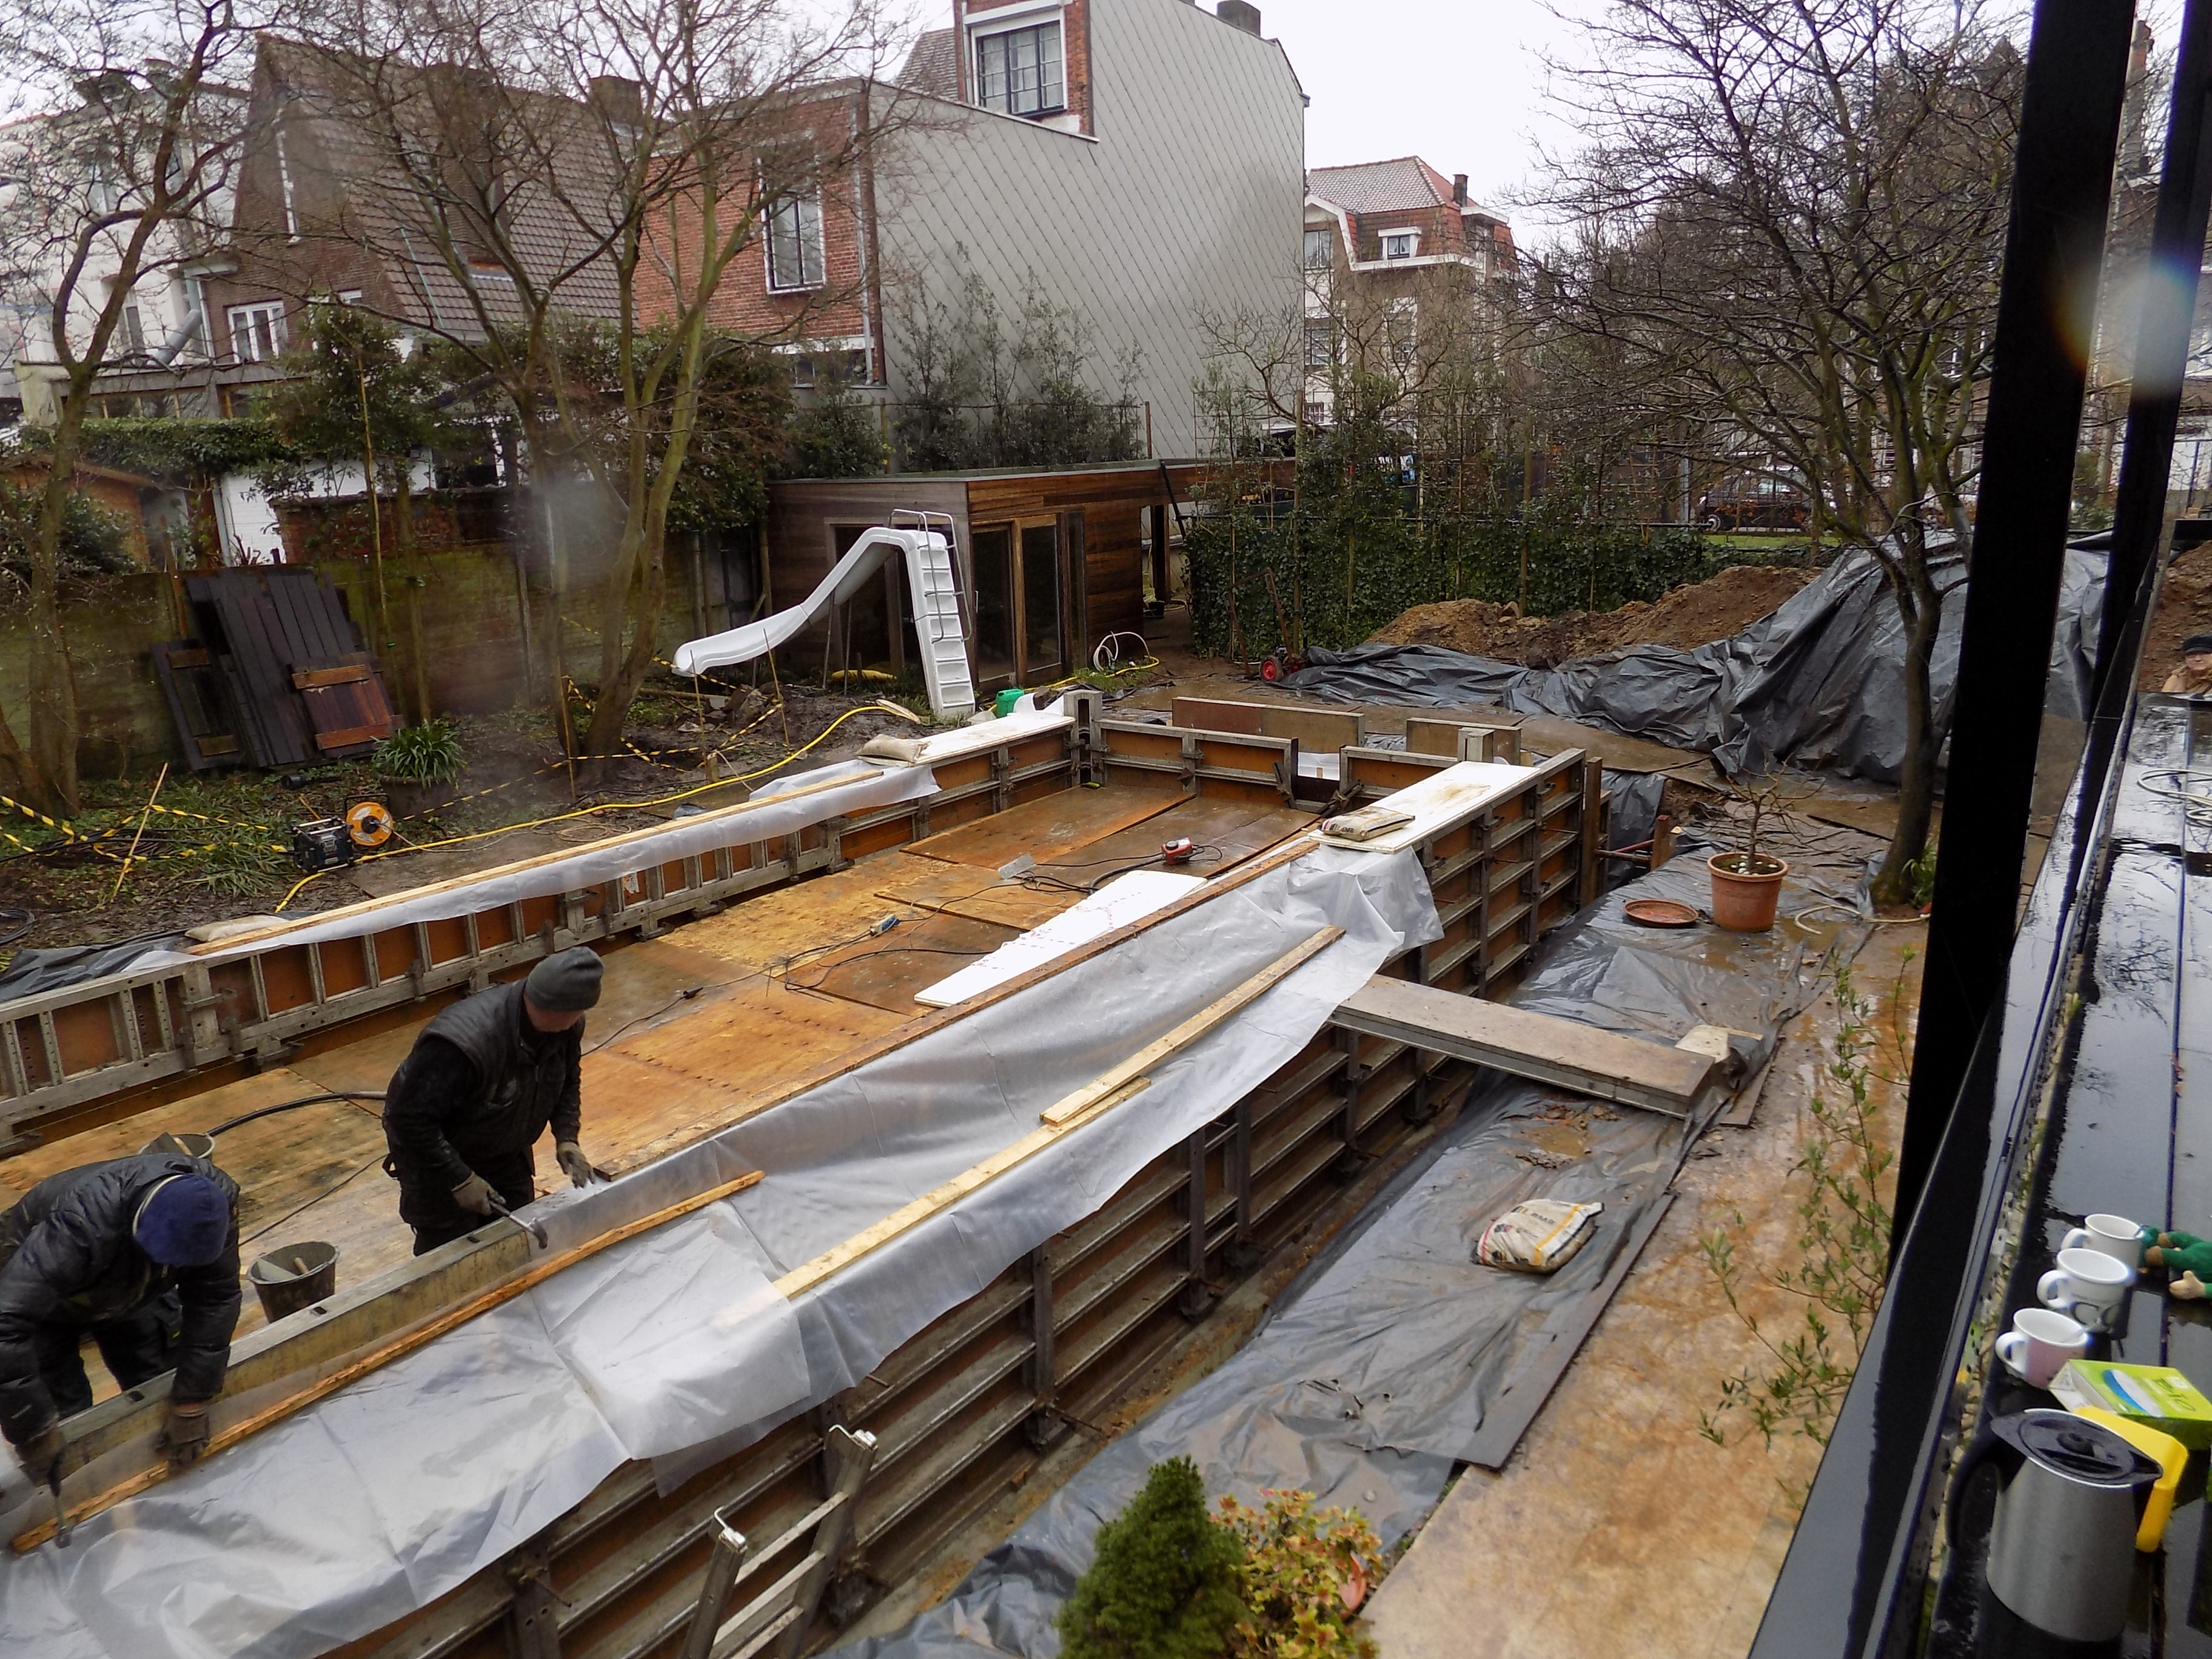 Klaarmaken betonbekisting voor het nieuwe te gieten zwembad